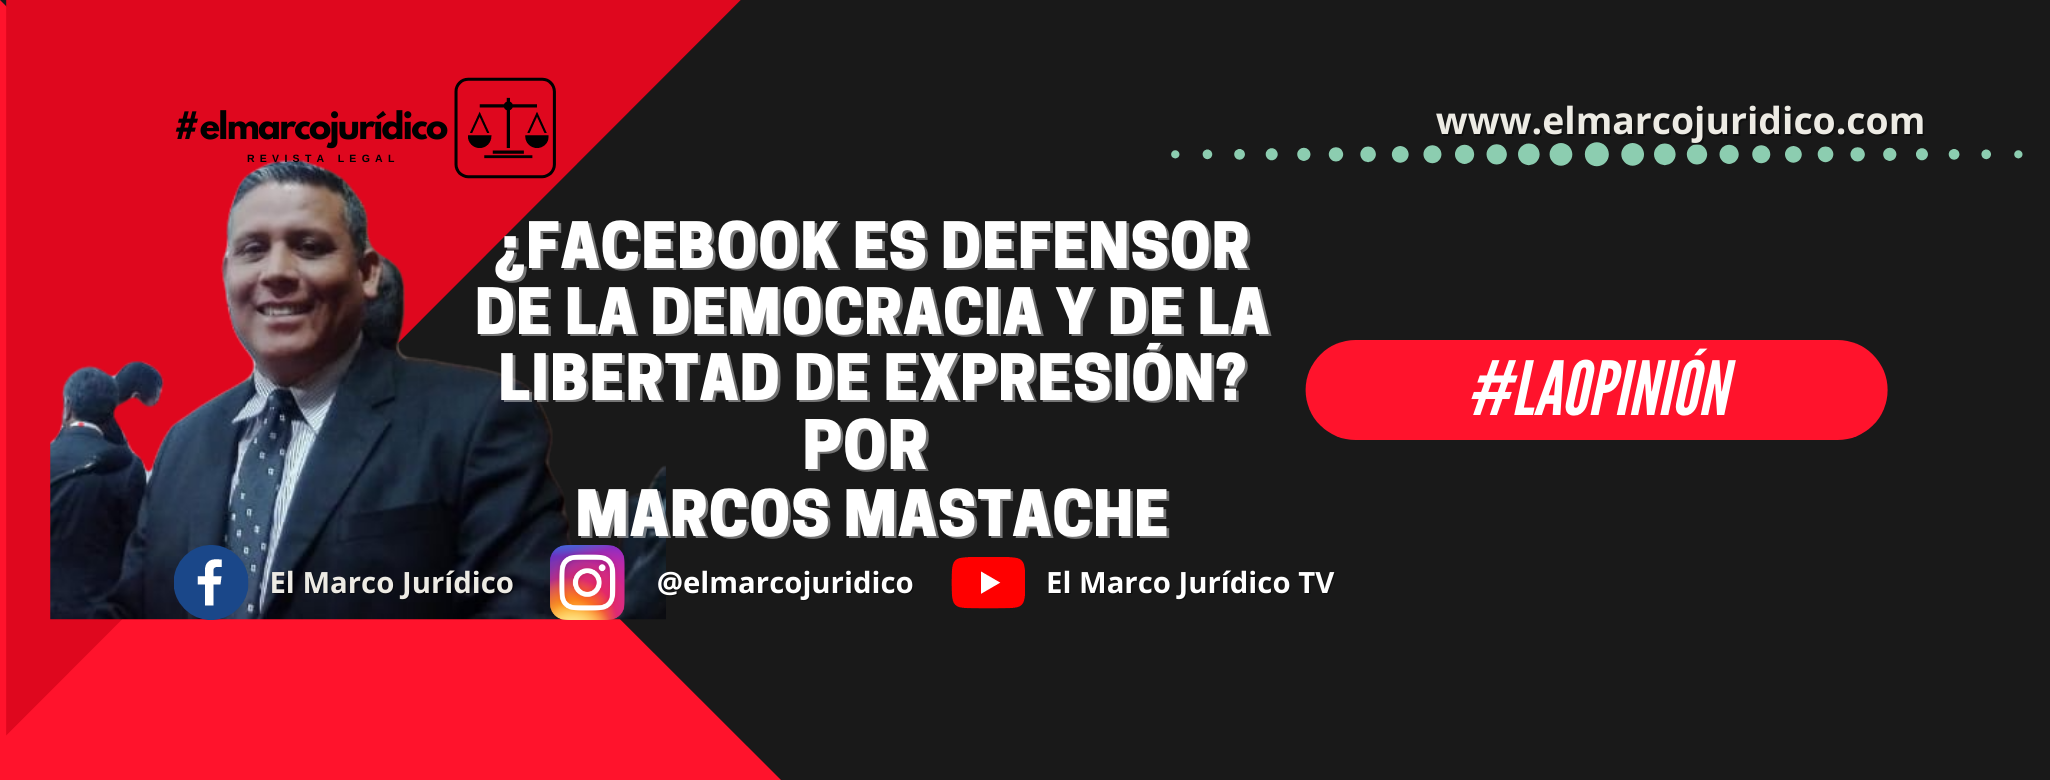 ¿Facebook es defensor de la democracia y de la libertad de expresión?